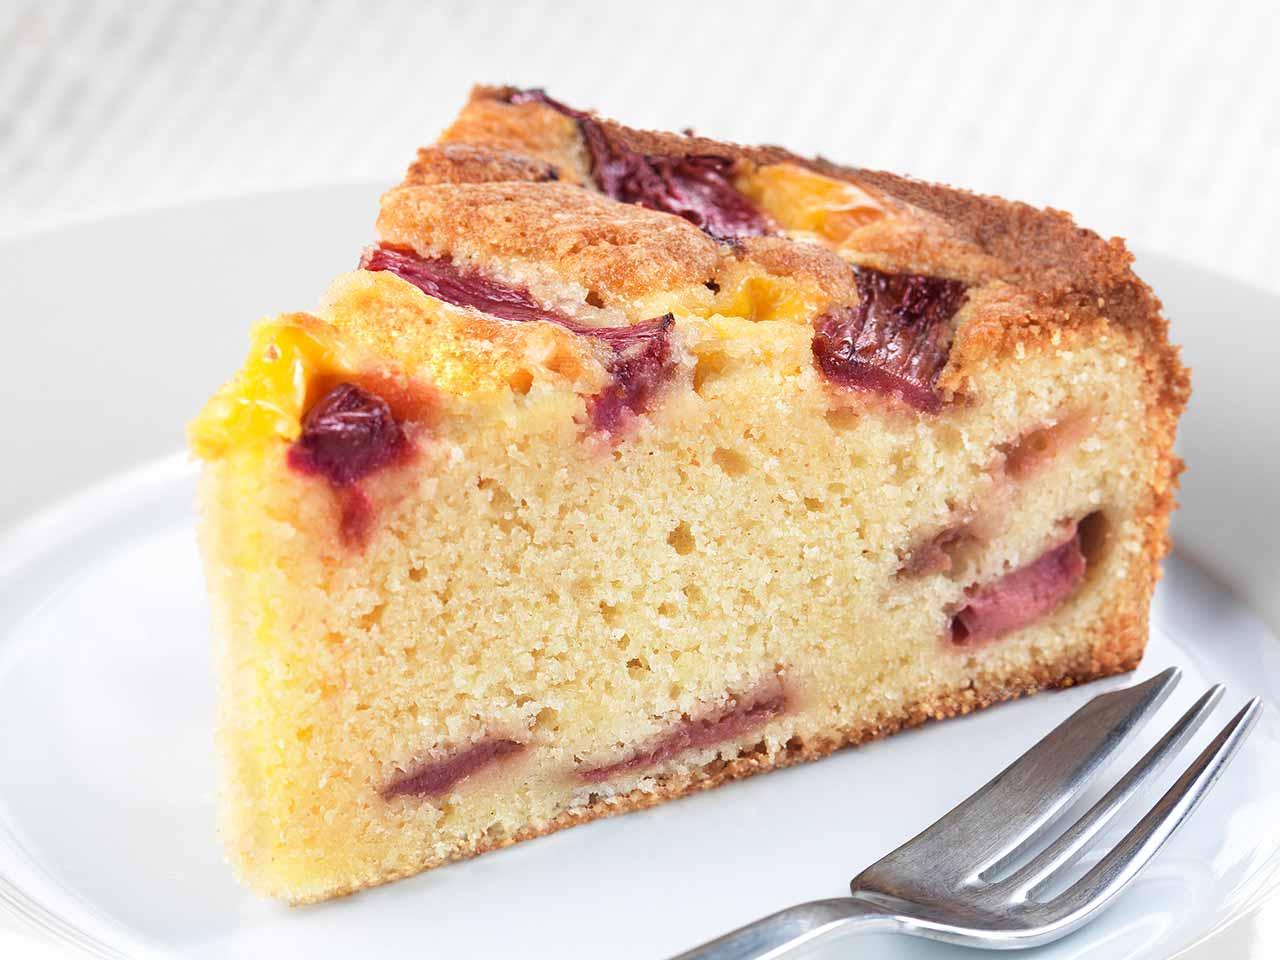 Rhubarb Custard Coffee Cake